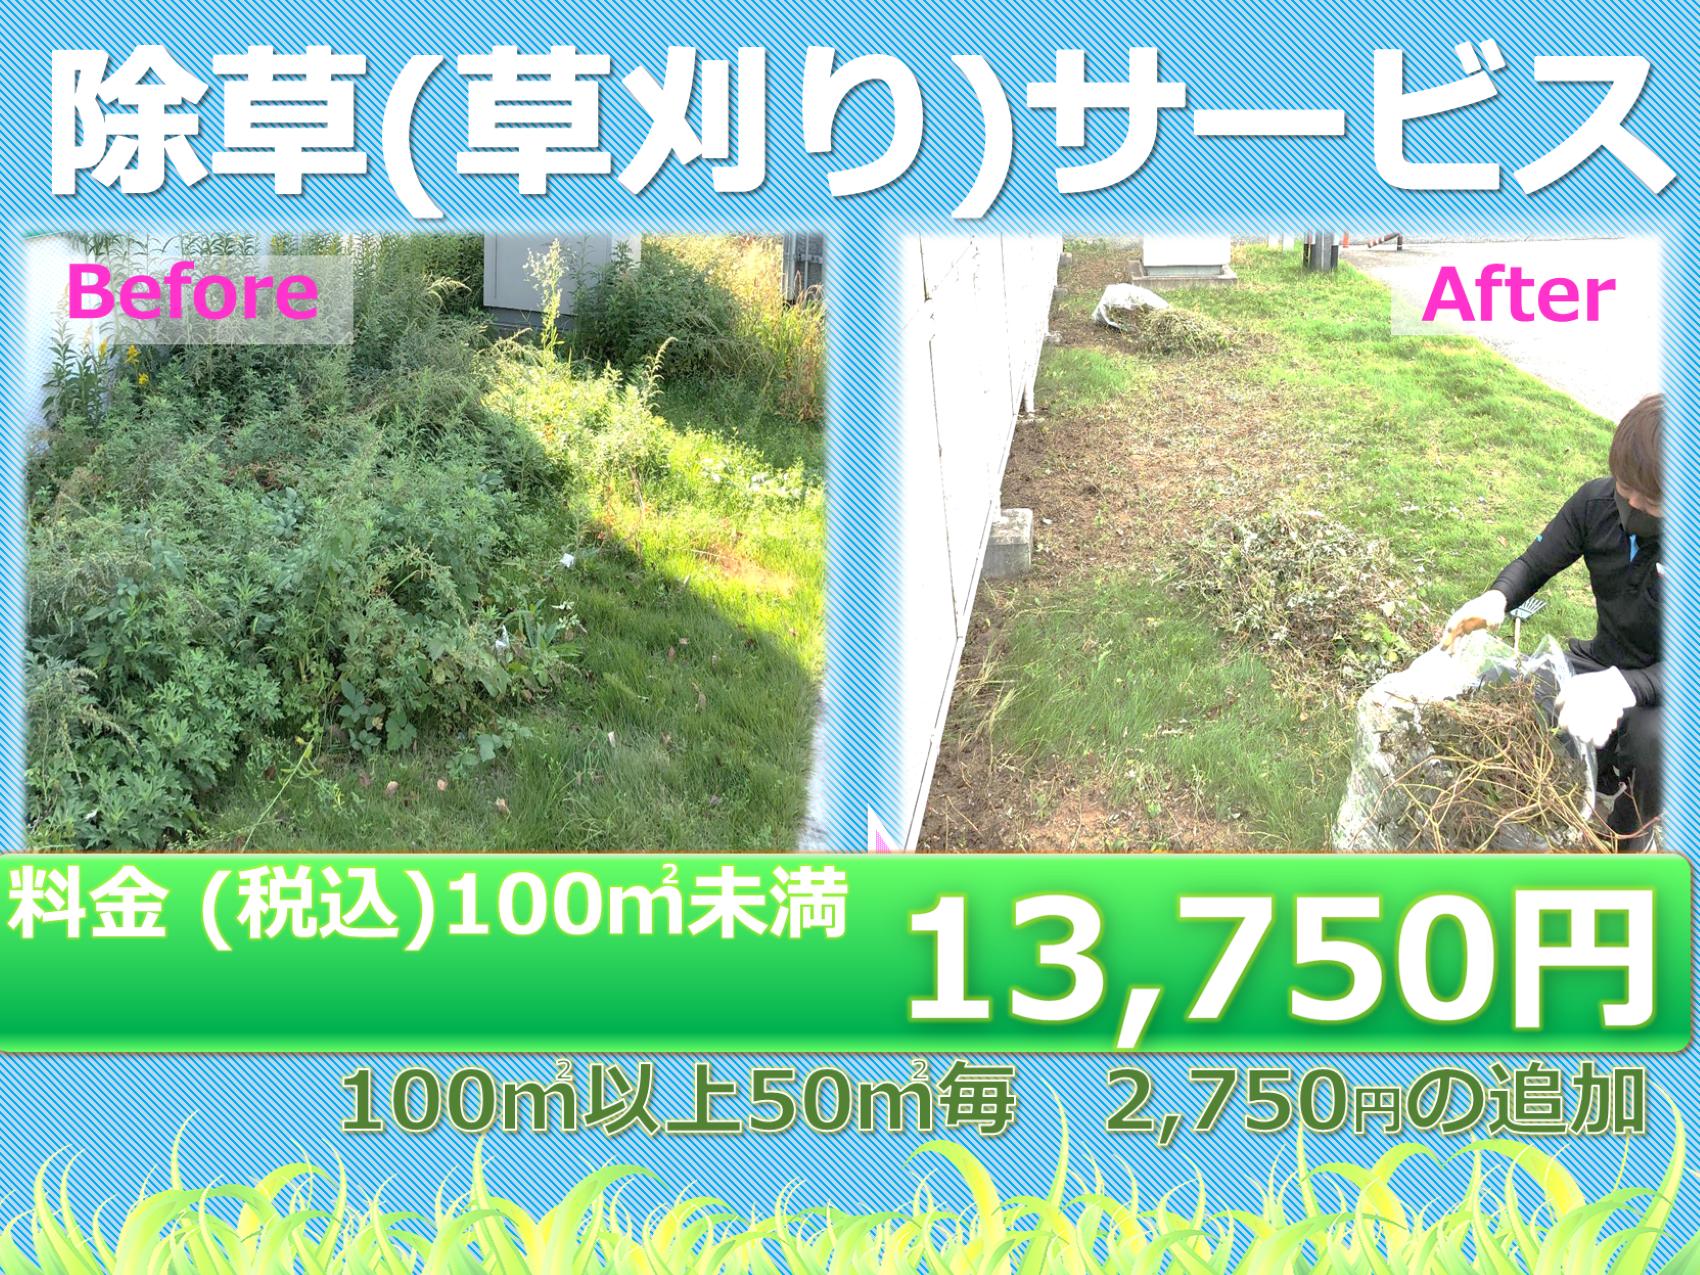 ◆除草サービス(新料金)